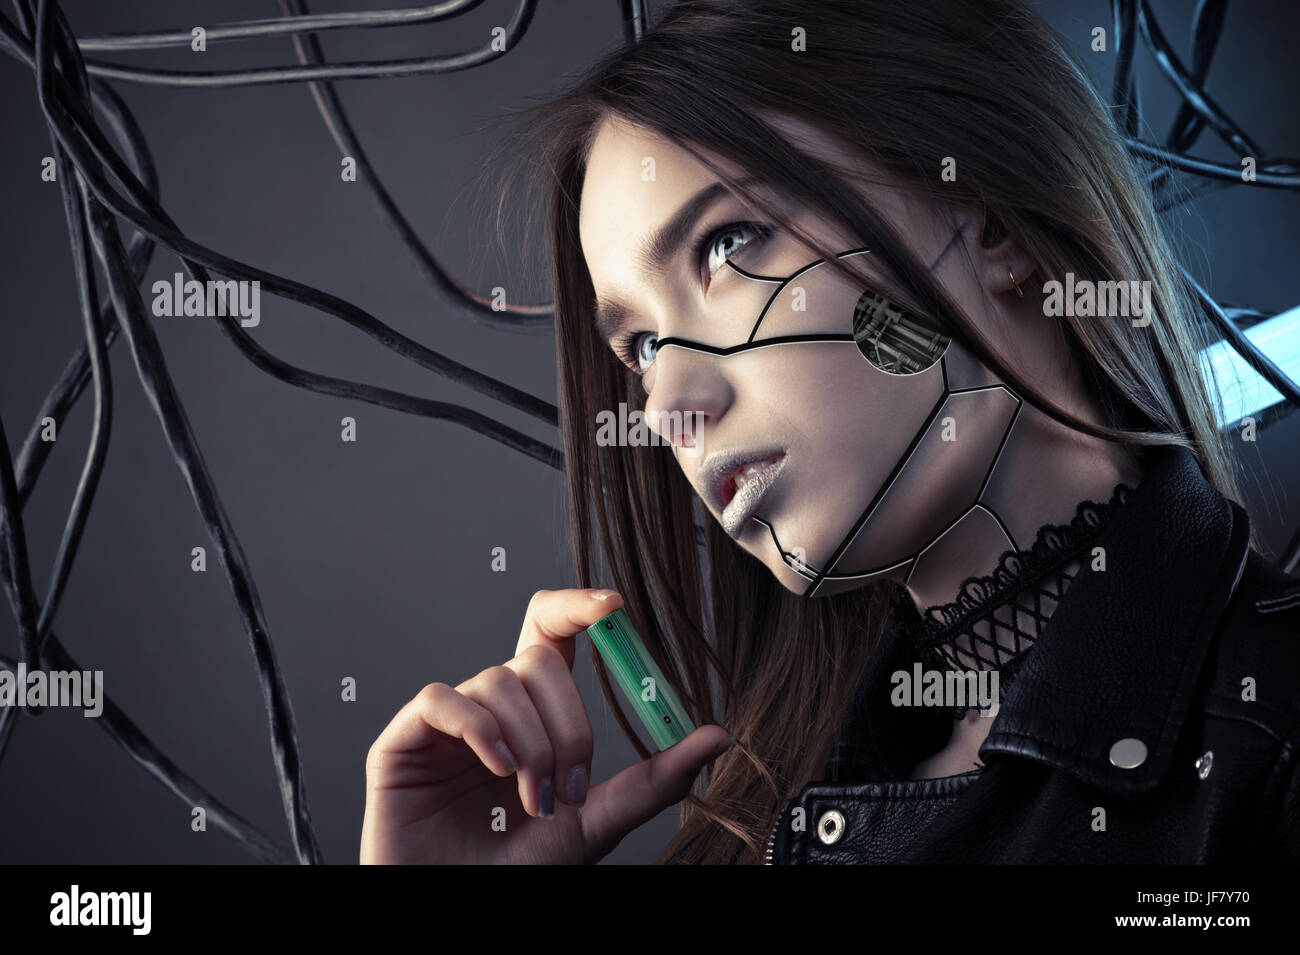 Encantador robot chica con maquillaje estilo cyberpunk batería sosteniendo en la mano, el concepto de ahorro de Foto de stock